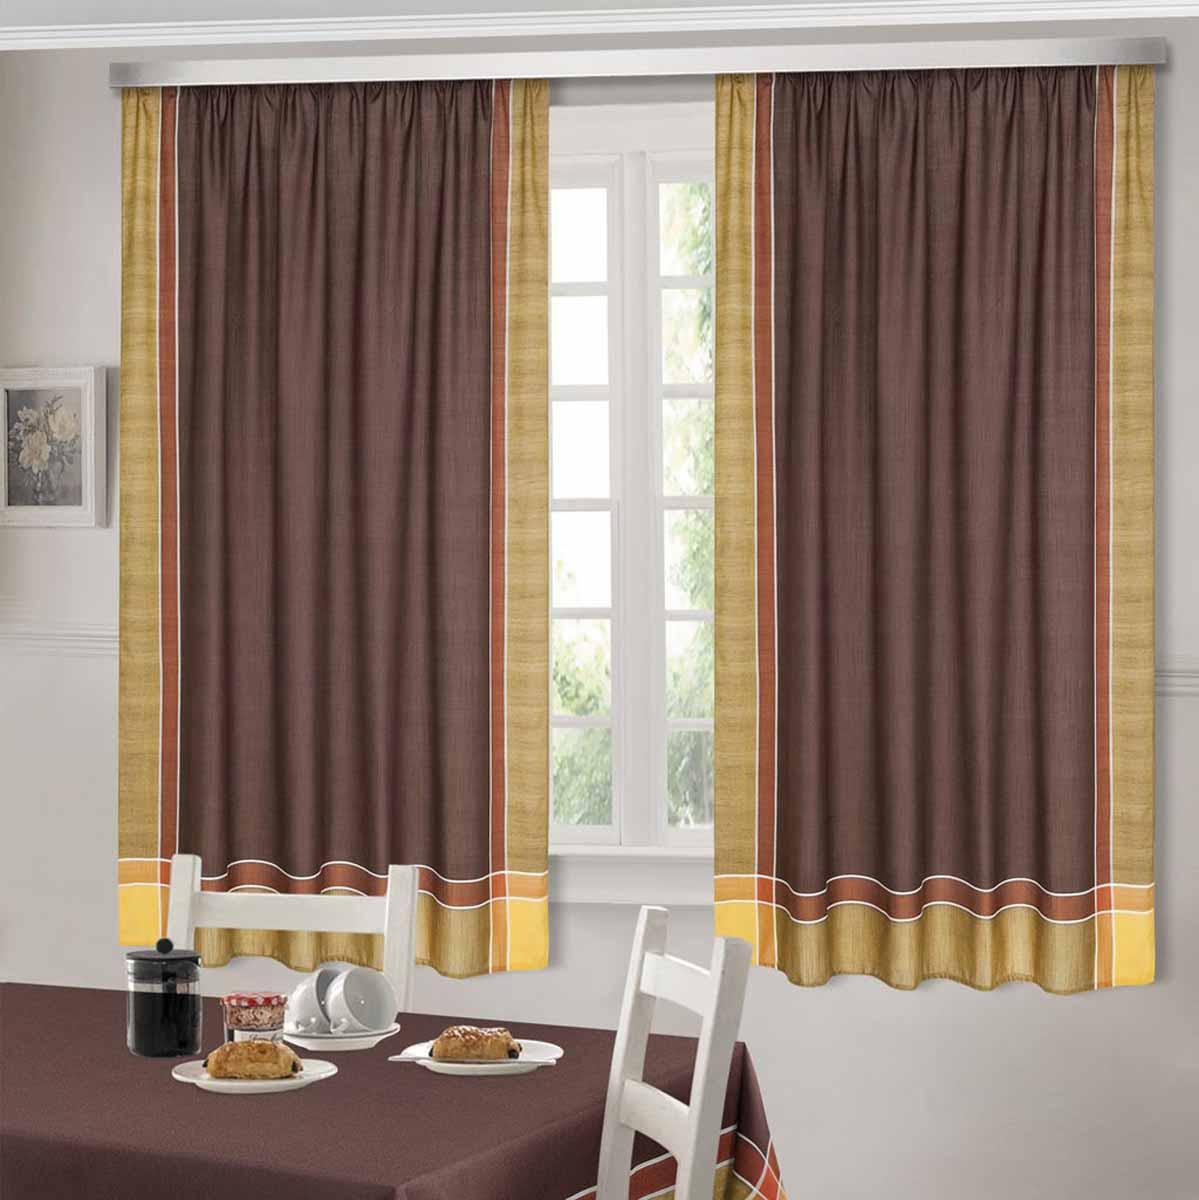 Комплект штор ТД Текстиль Шик, на ленте, цвет: венге, высота 180 см92306Шторы выполнены из искусственной ткани под лен. Цвета в ассортименте. В наличии присутствуют скатерти из этой же ткани в двух размерах.